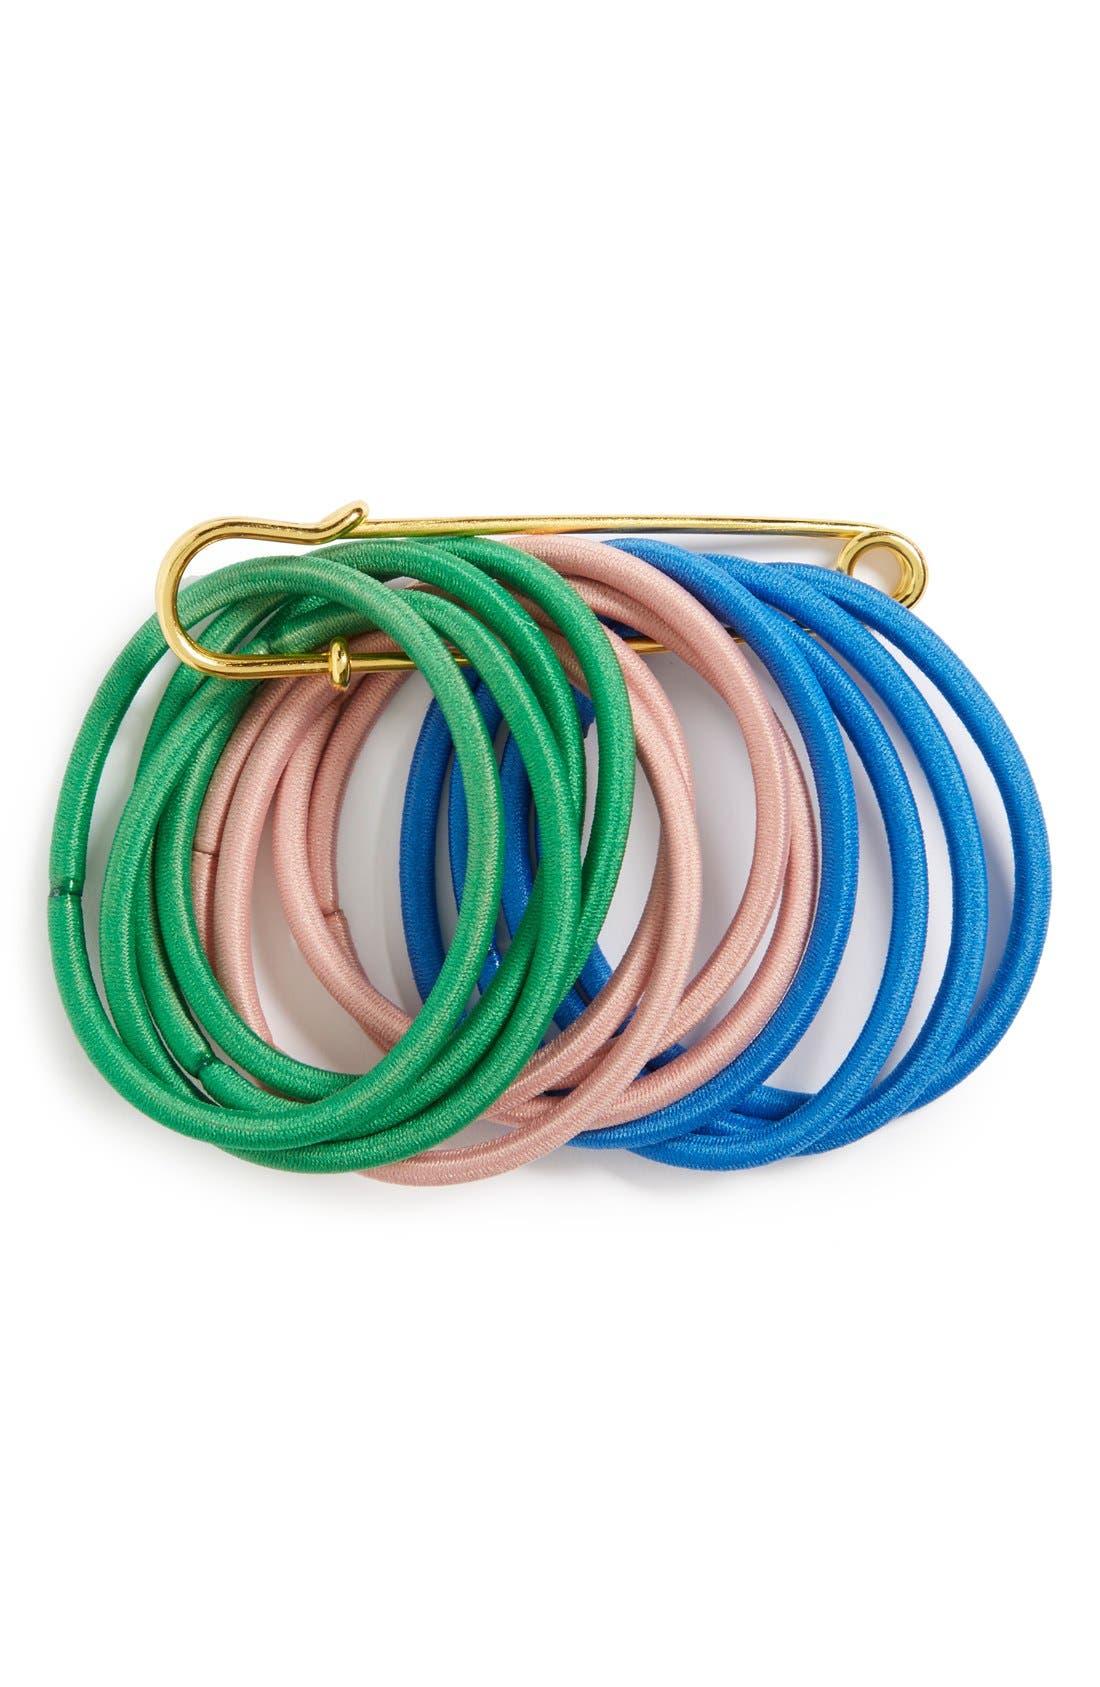 Main Image - Odeme Hair Ties (12-Pack)